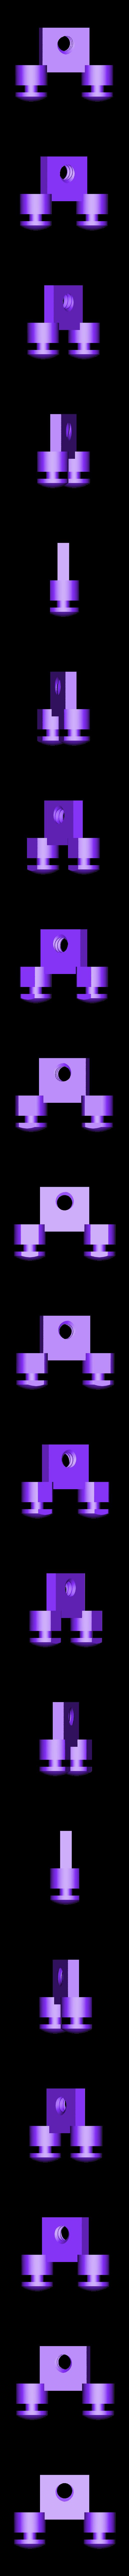 rear_bumper_no_support.STL Télécharger fichier STL Jeu de construction de locomotives de train miniature • Plan imprimable en 3D, kozakm